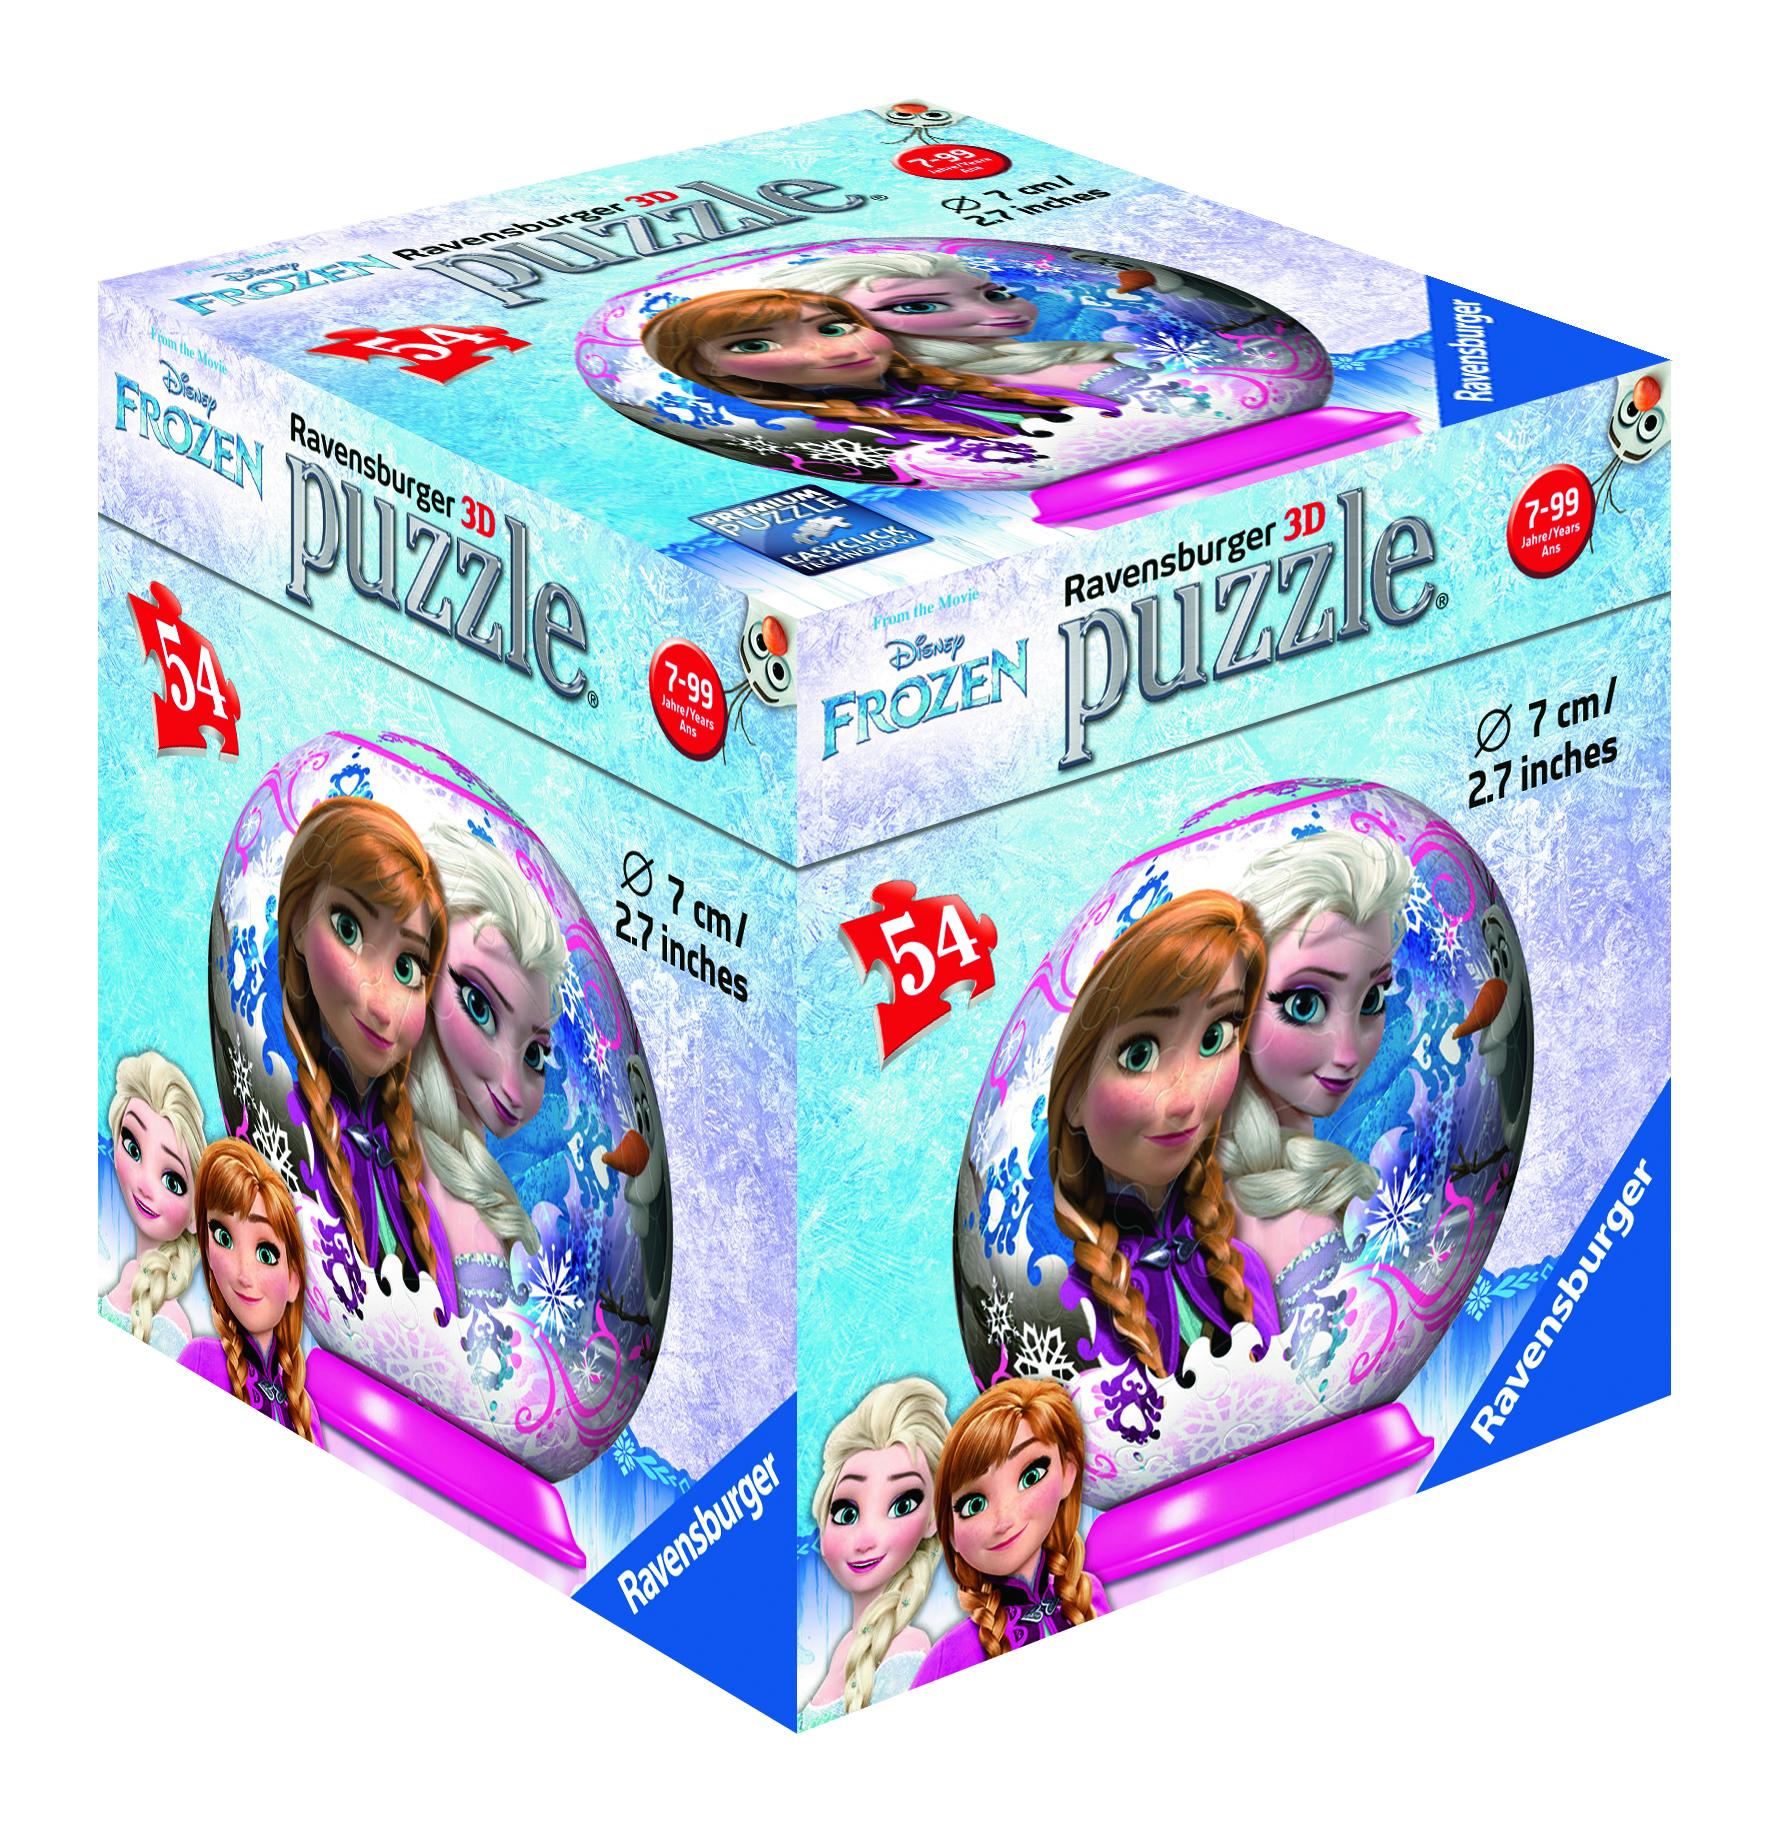 Puzzle La reine de Neiges - puzzle 3D - 54 pièces - Ravenburger